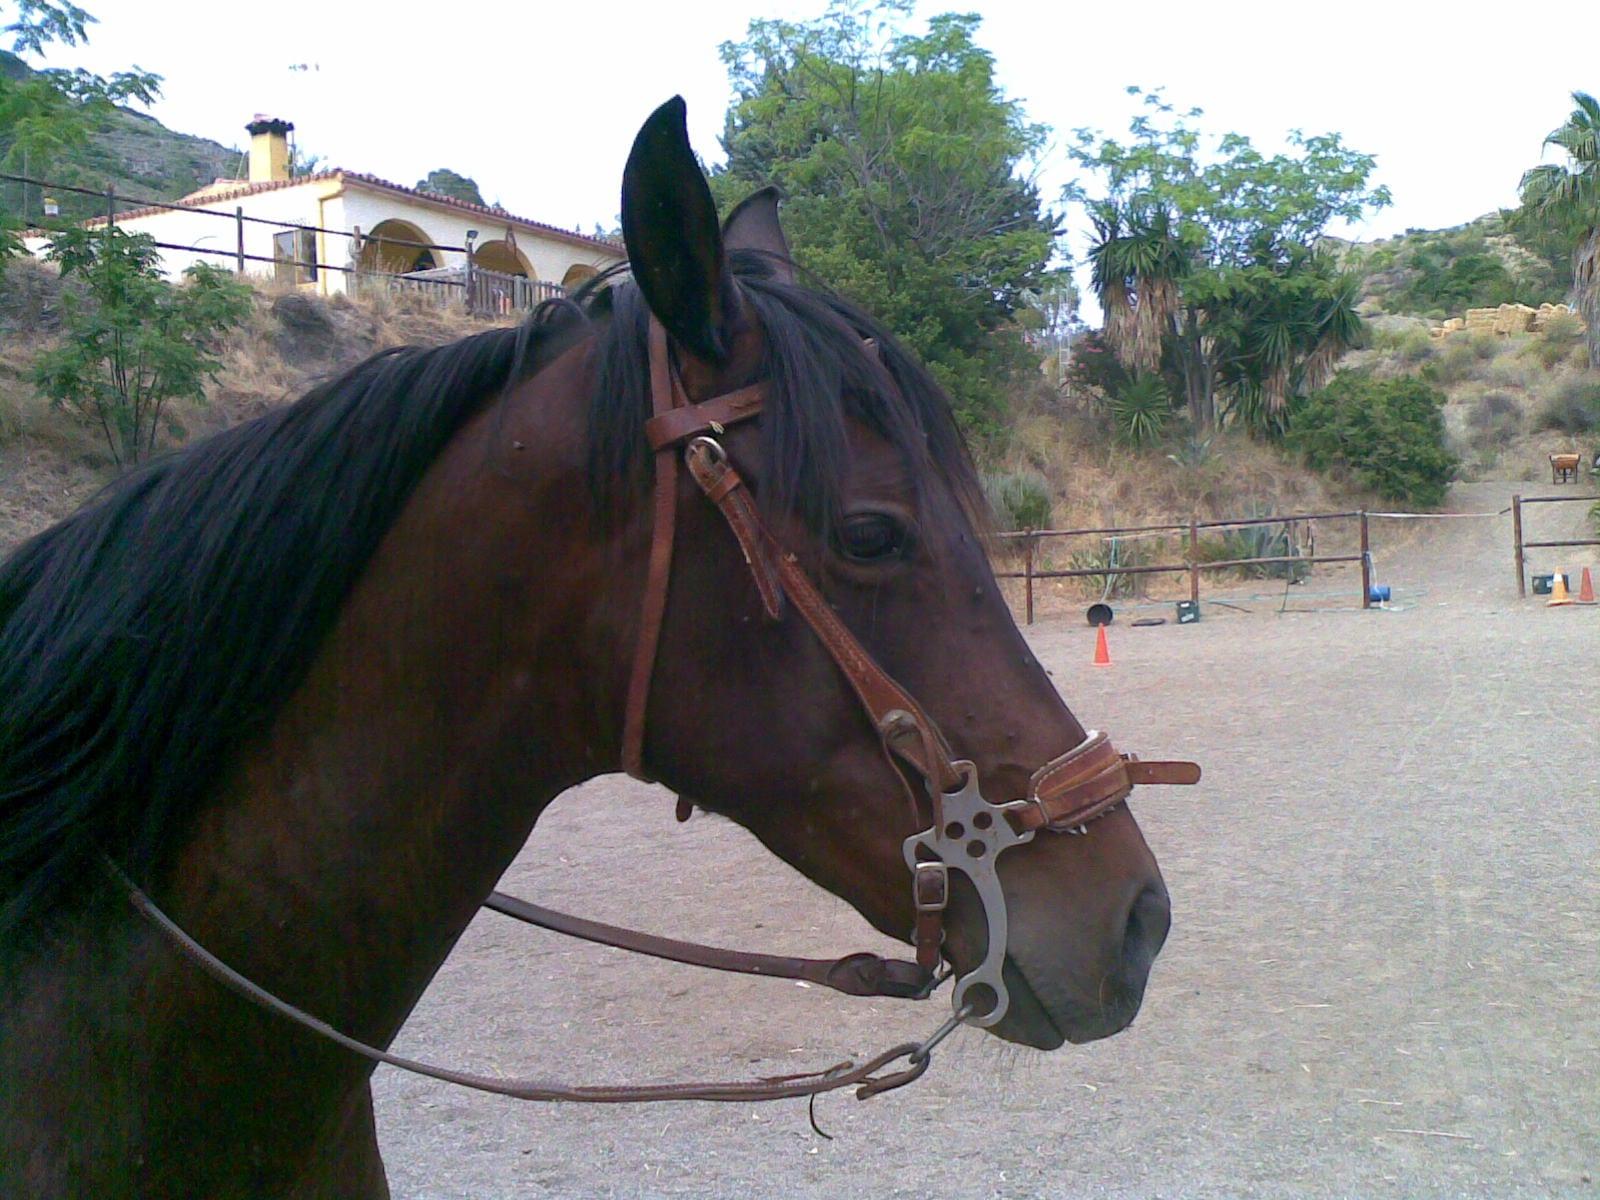 Accesorios para caballos for Accesorios para caballos